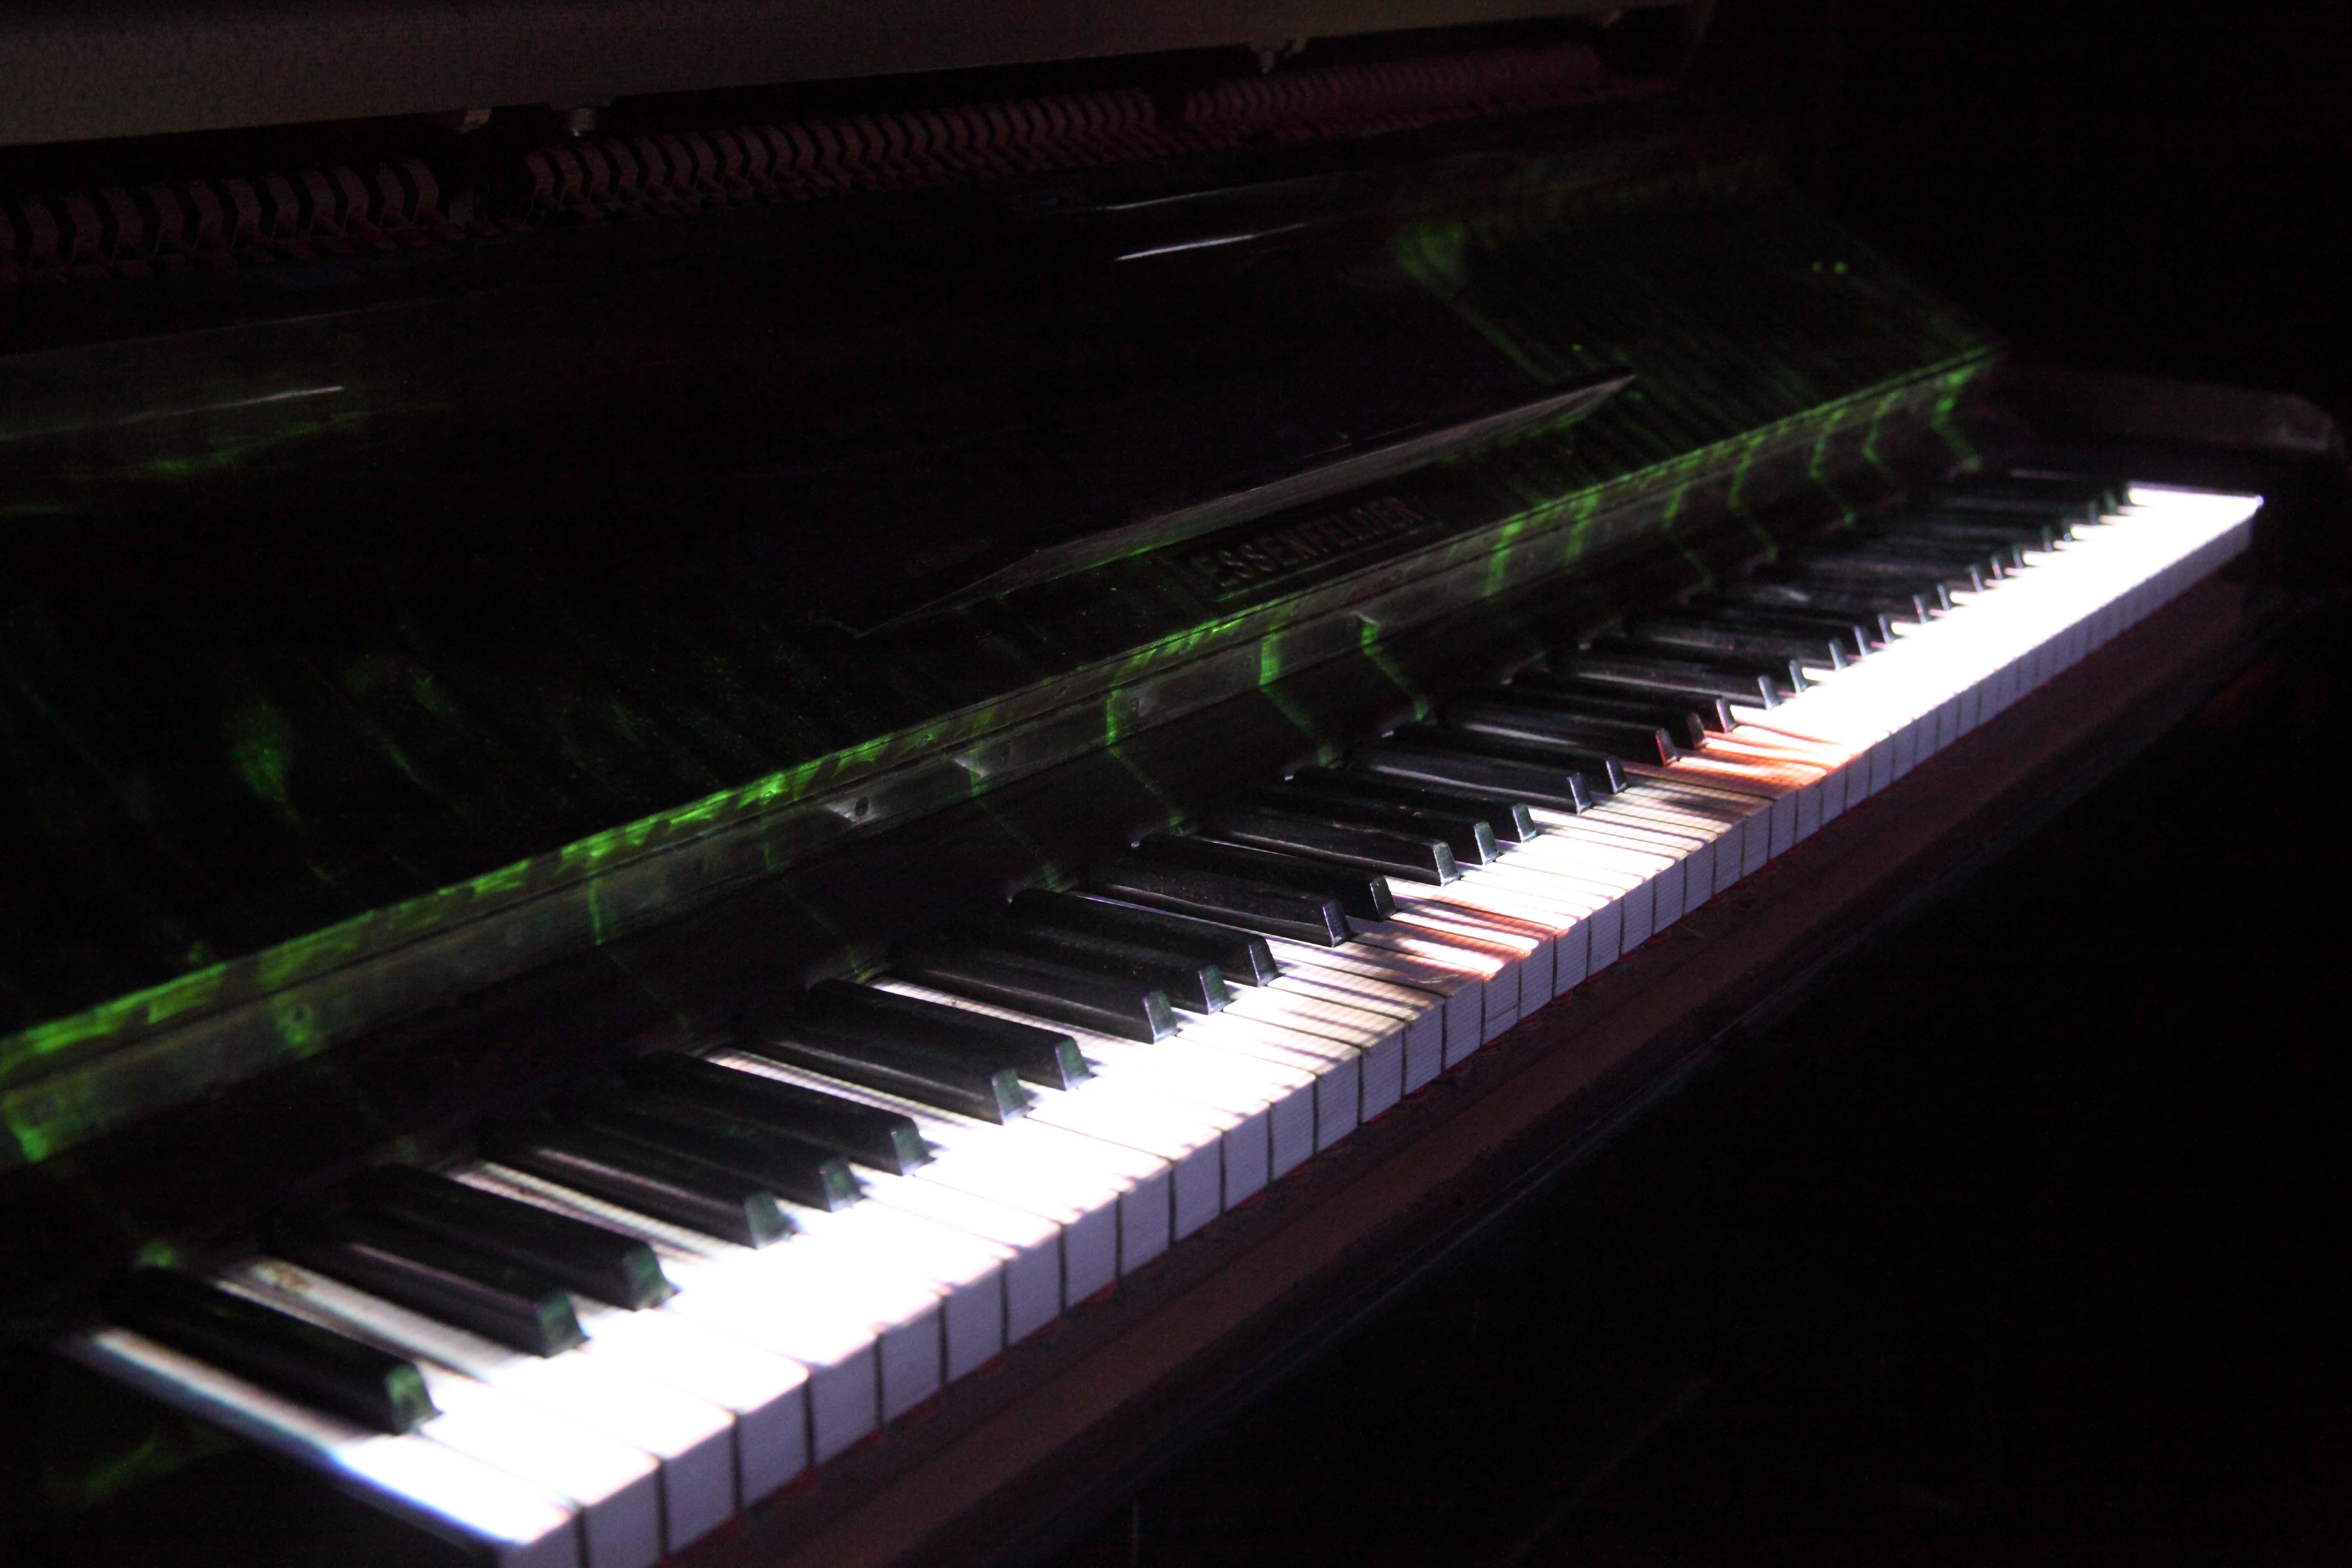 piano projeção